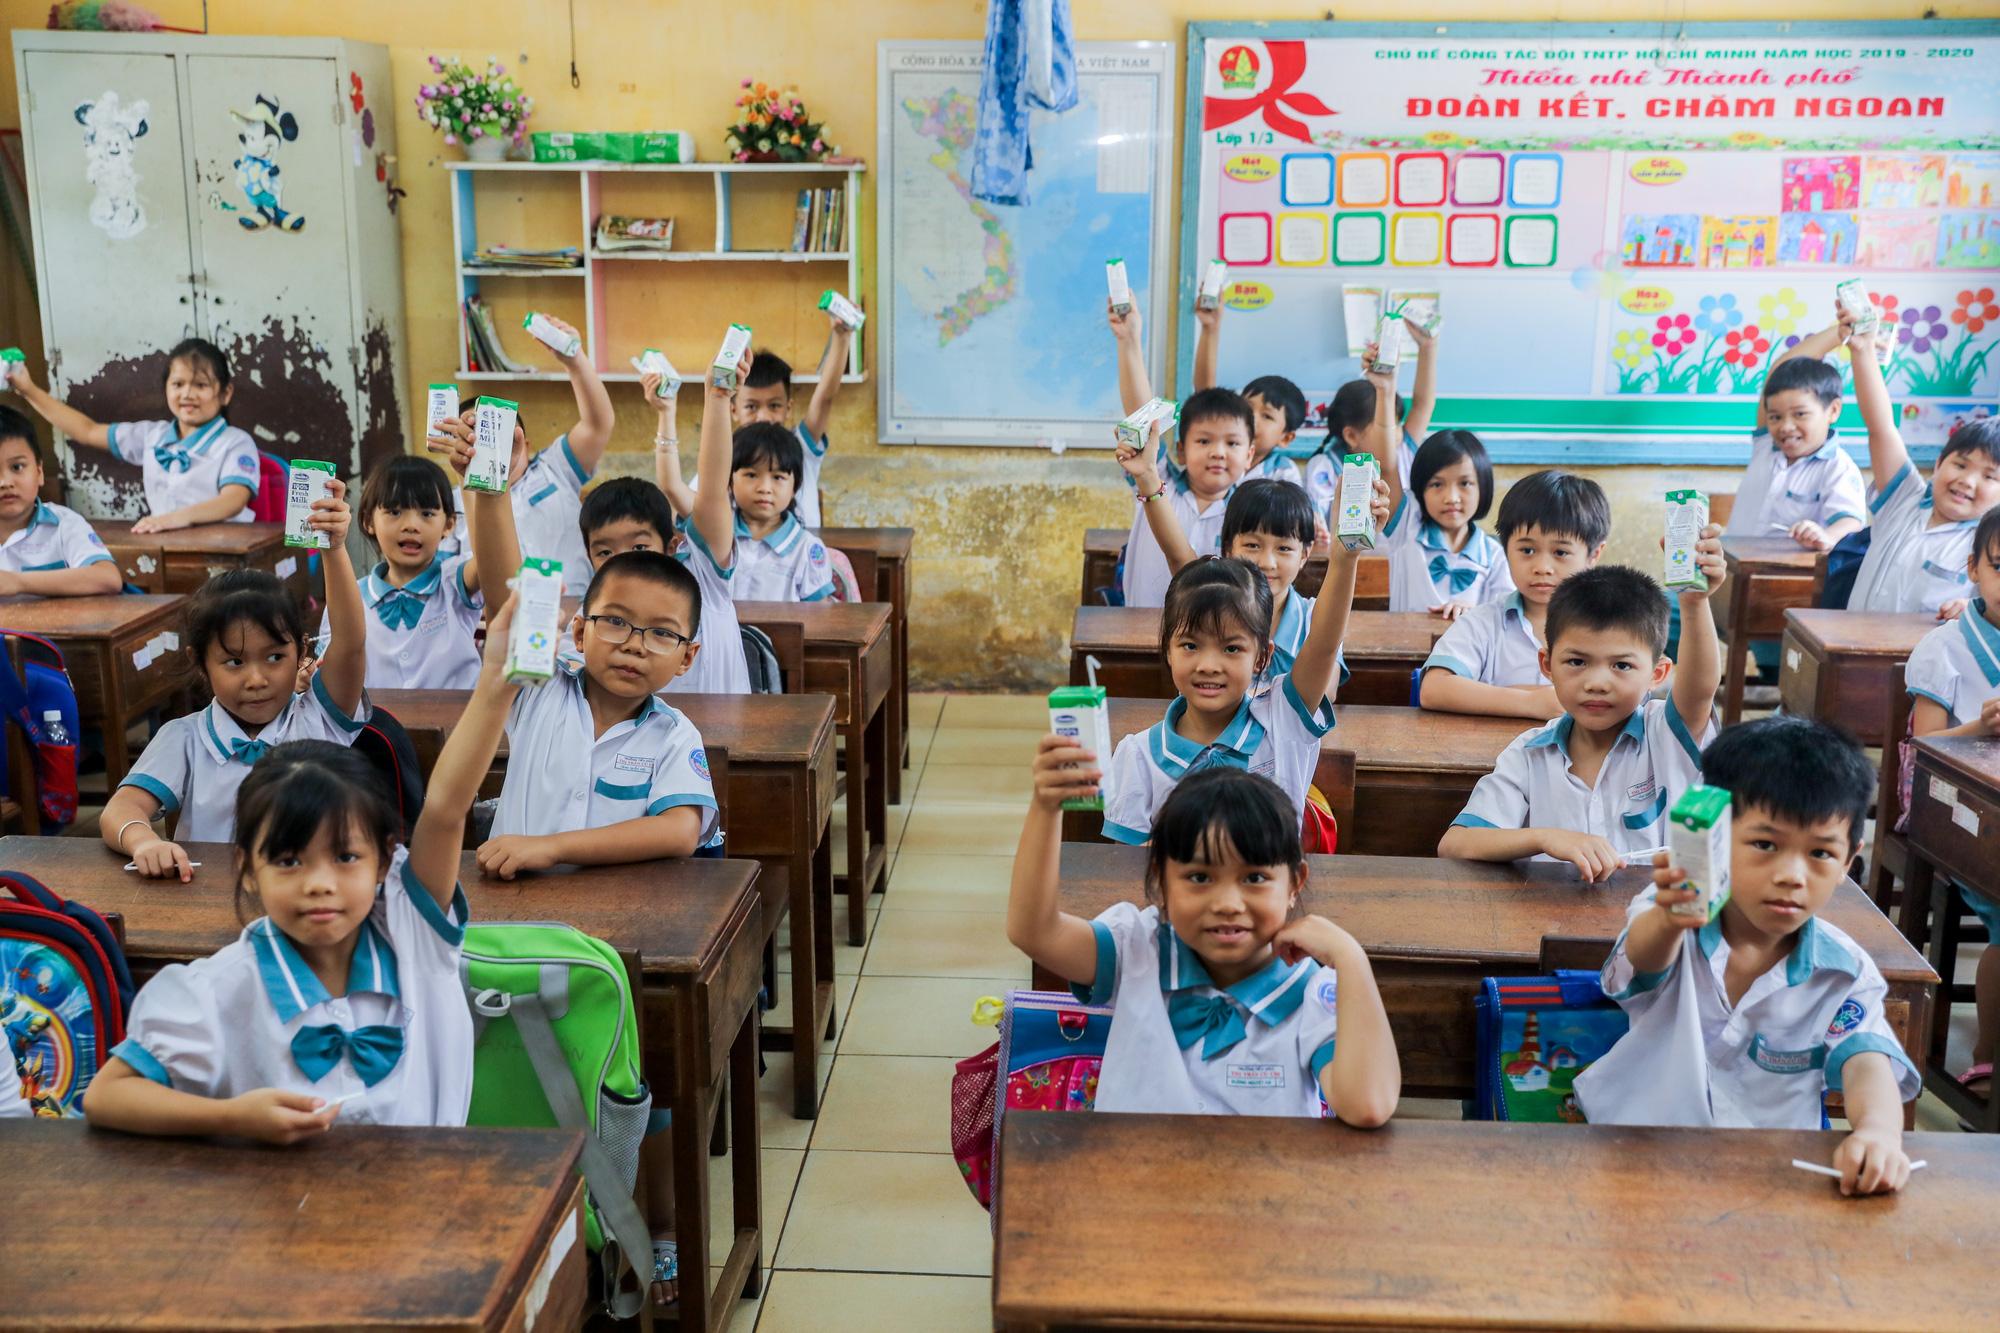 """Những giờ uống sữa """"vui khoẻ, an toàn"""" của học sinh TP.HCM - Ảnh 4."""